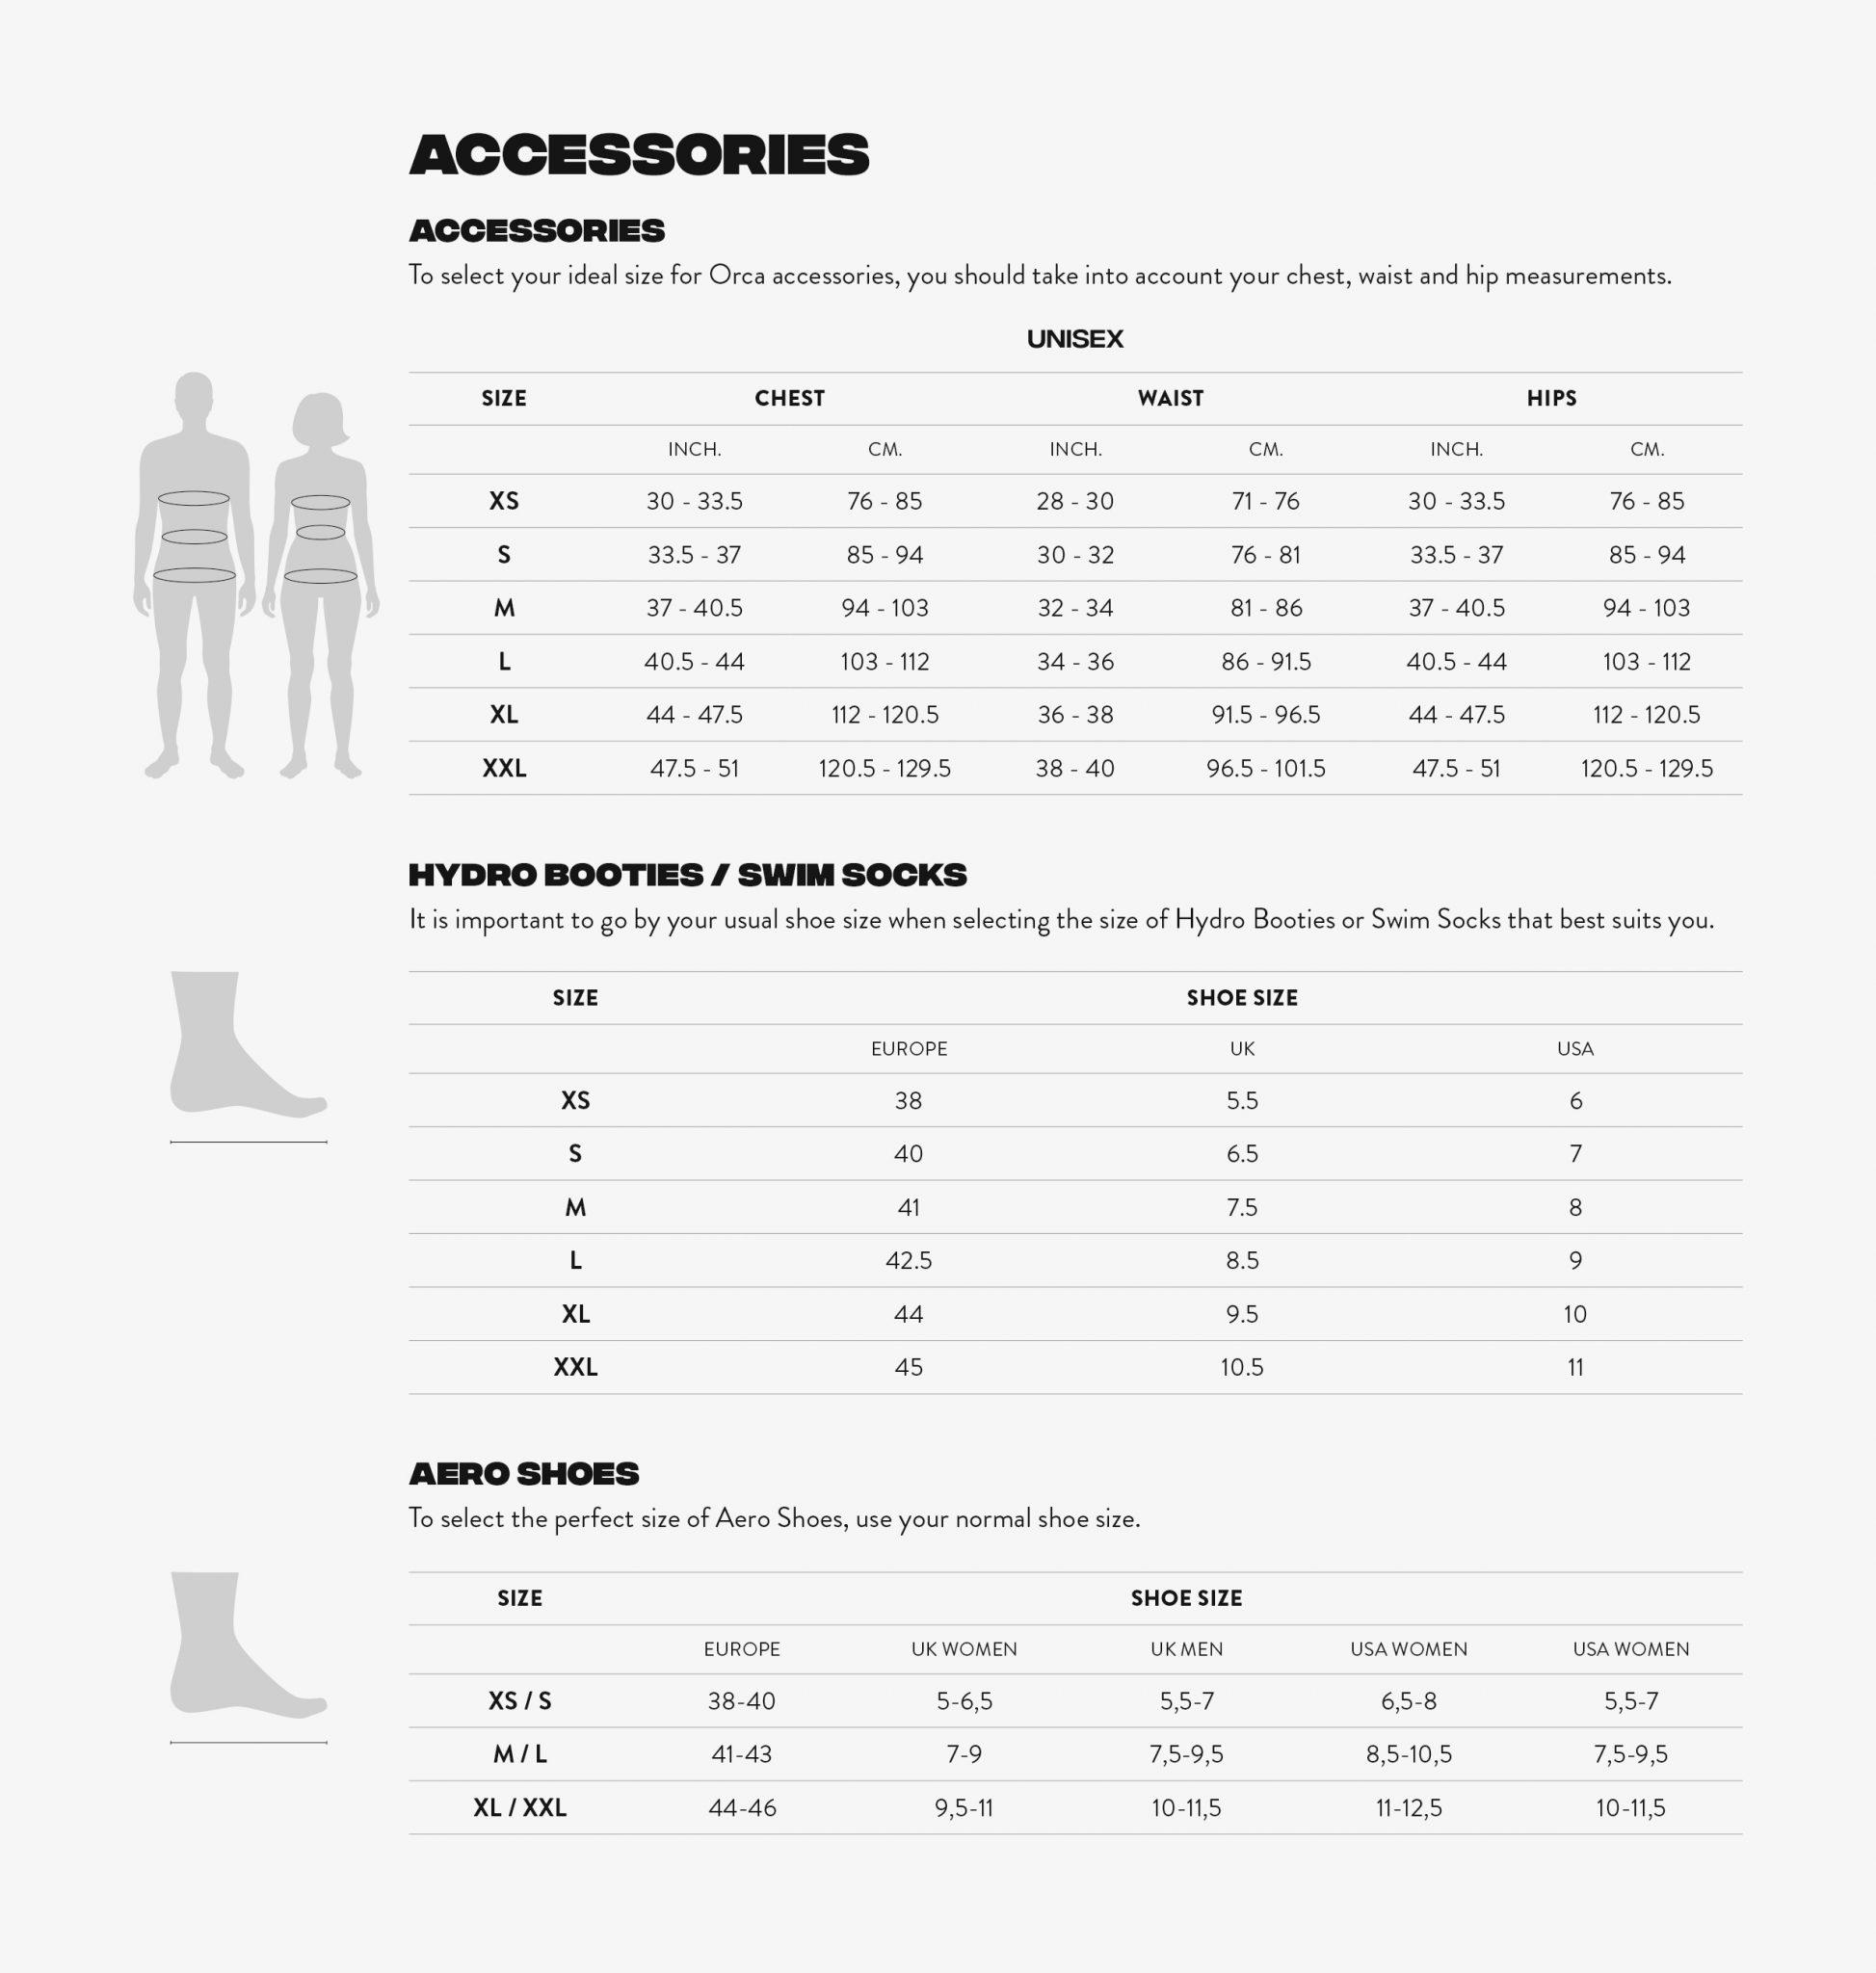 size-chart-accessories-storlektabell-tillbehor-1947x2048